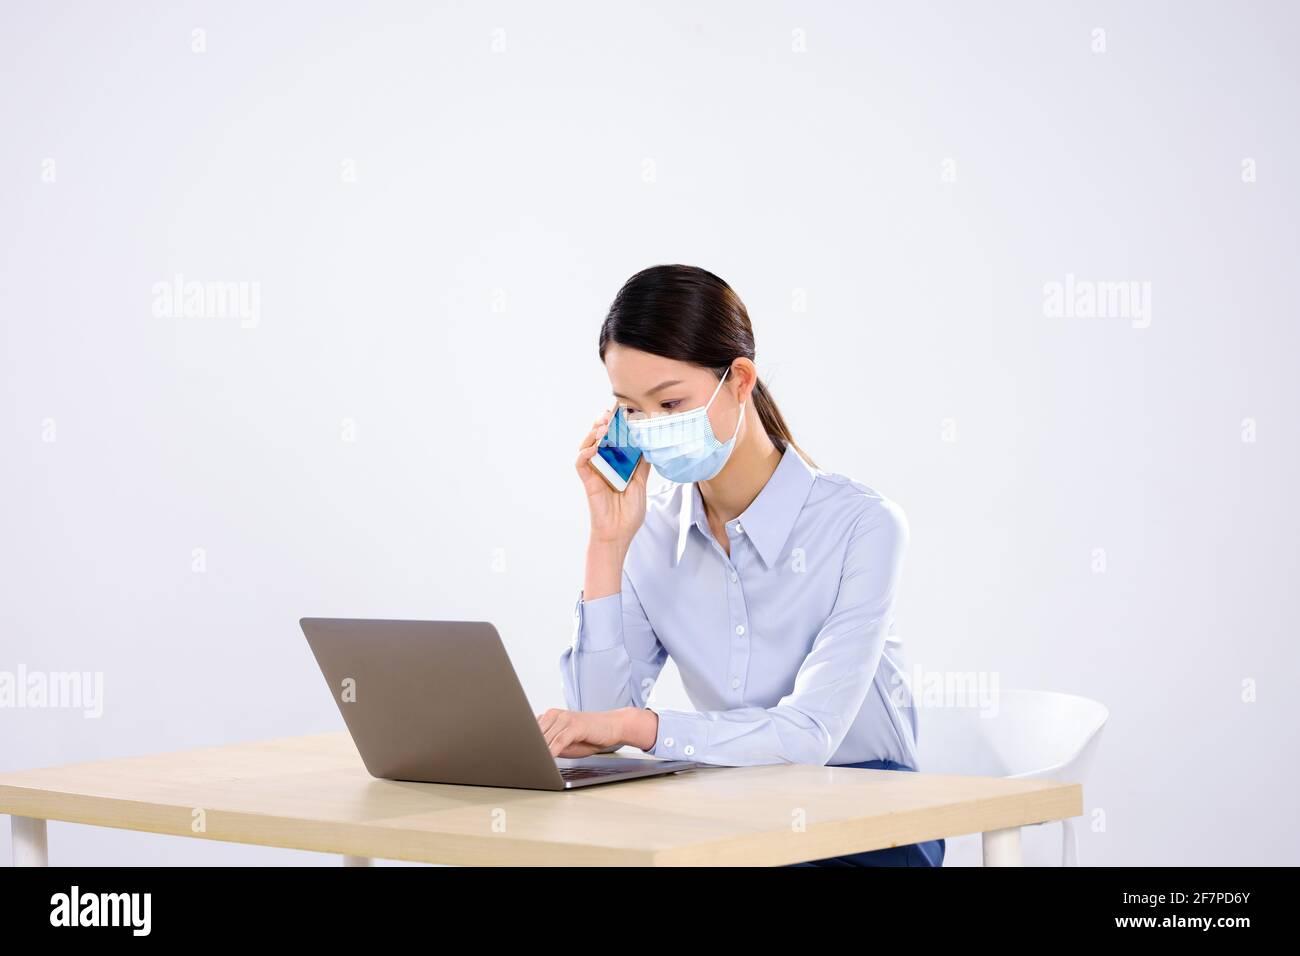 Une jeune femme avec un masque est au téléphone dans la vue latérale du bureau Banque D'Images